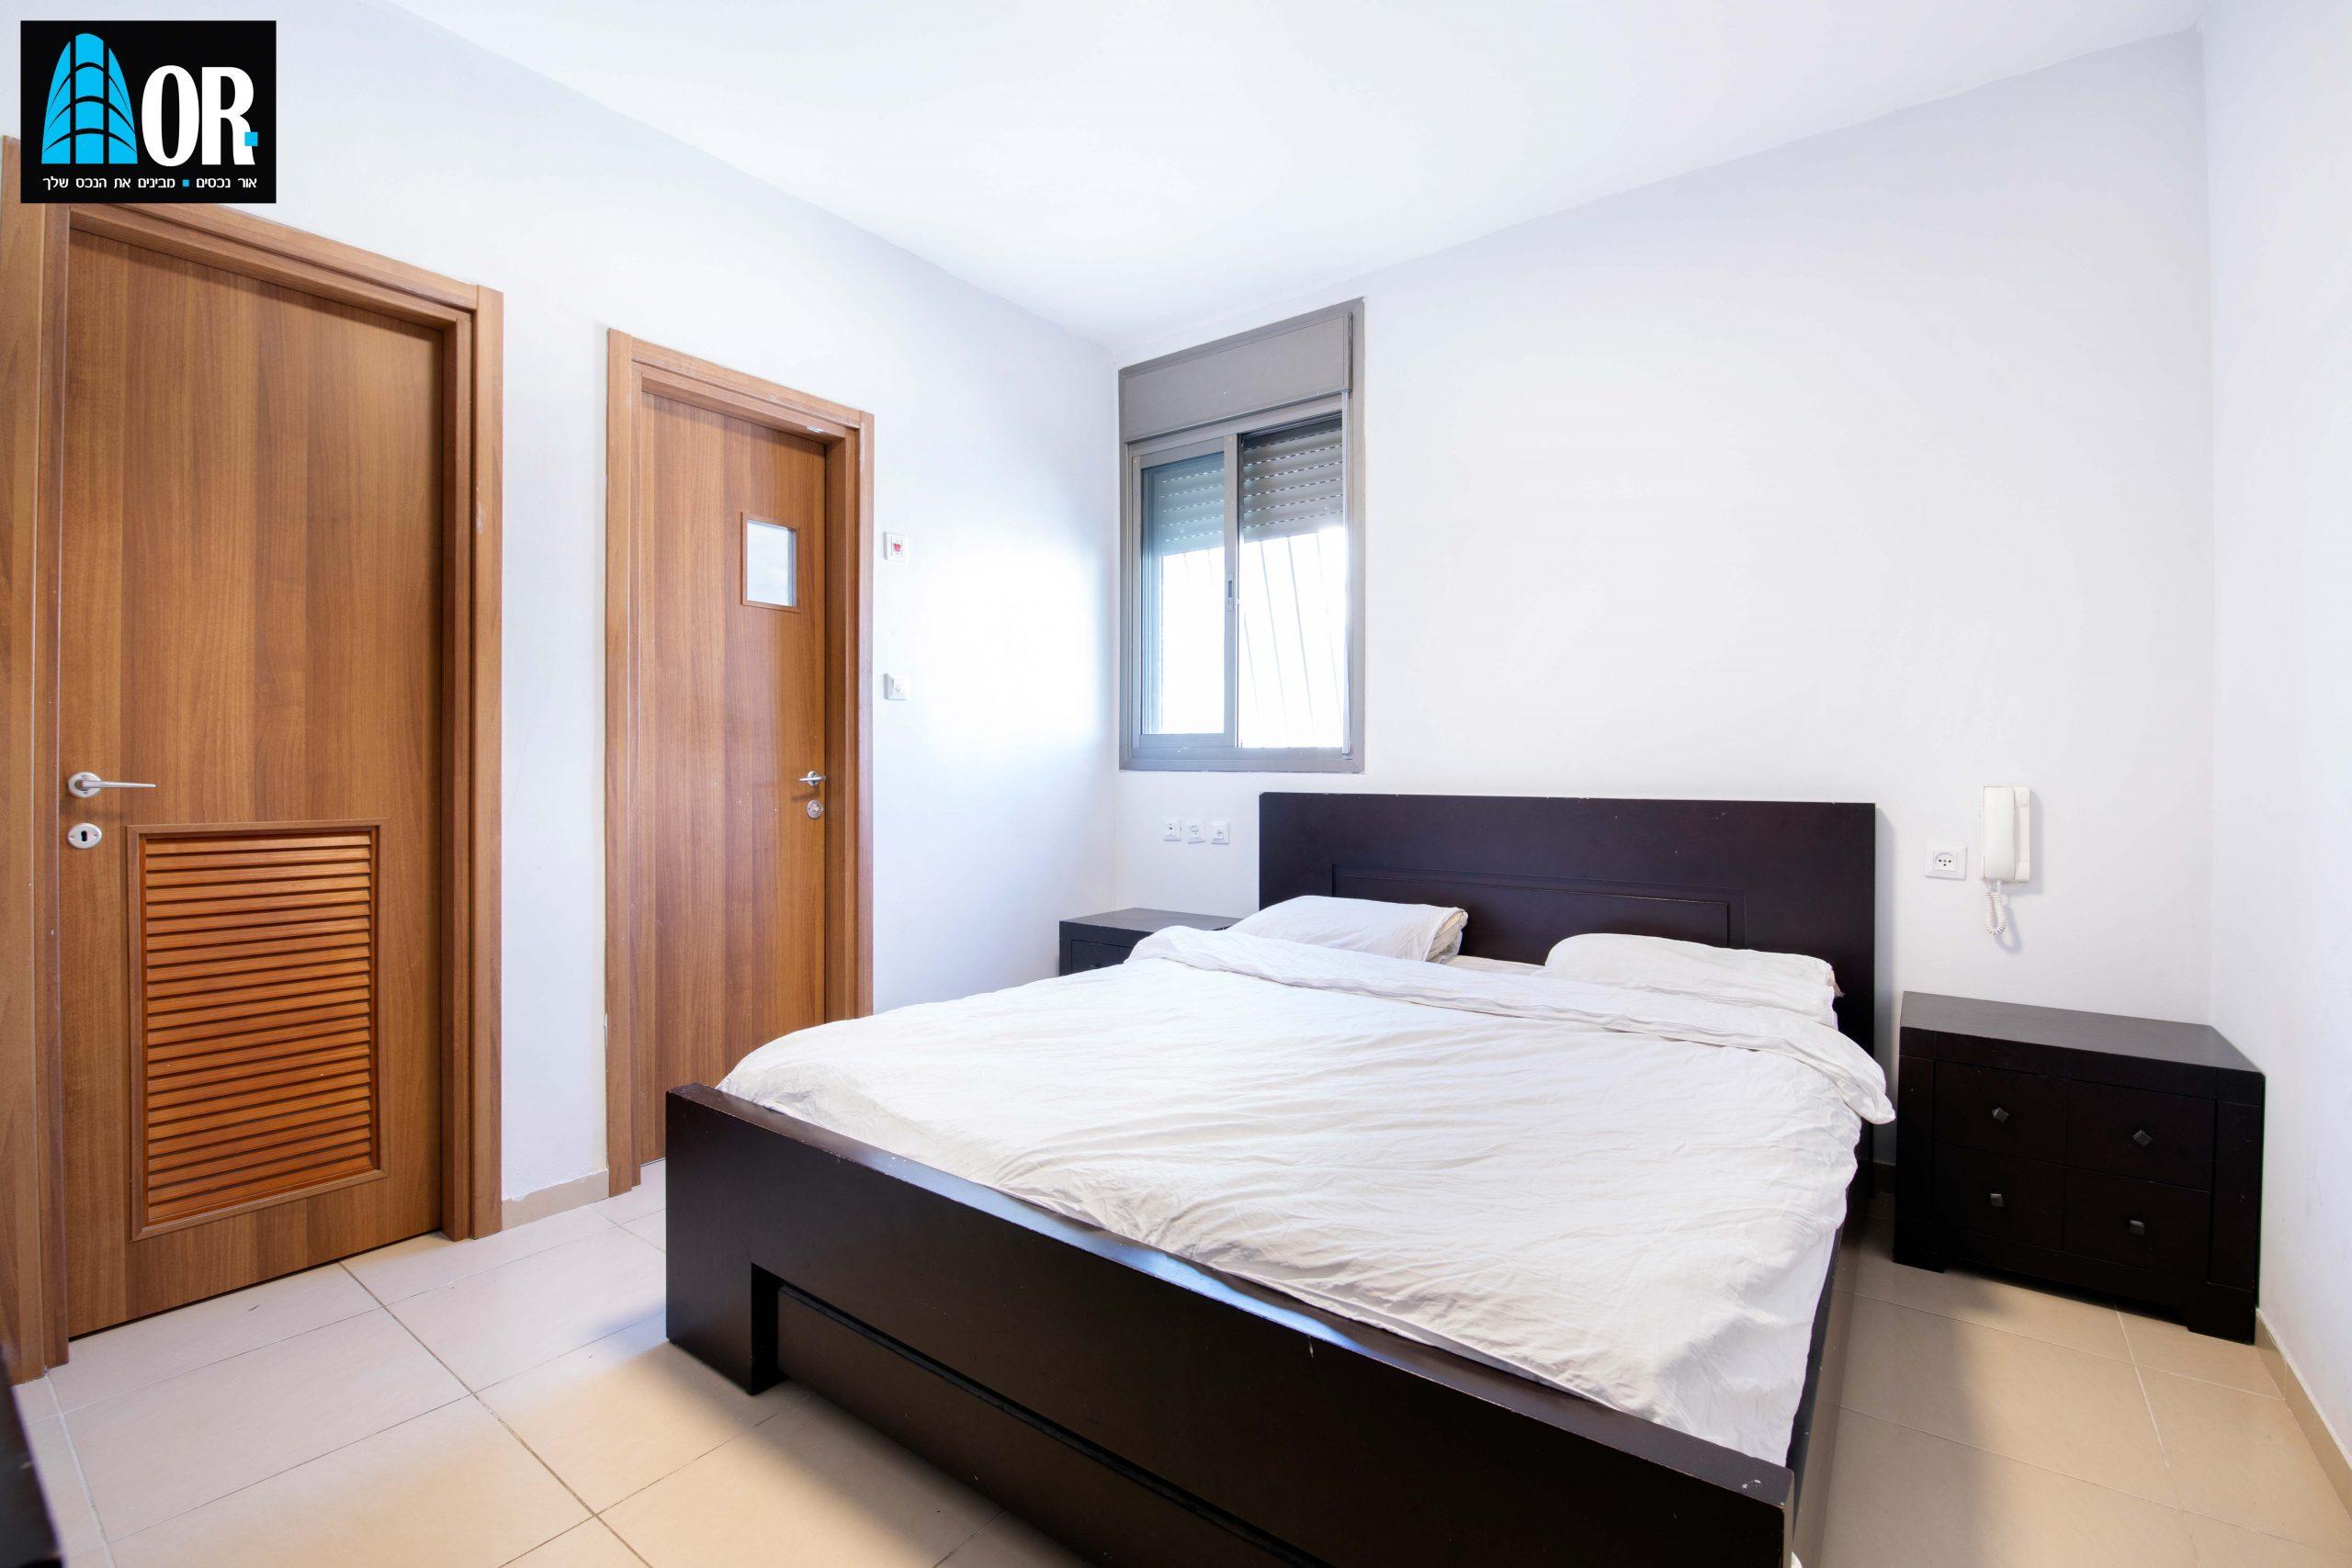 חדר הורים דירה 4 חדרים שכונה פארק המושבה